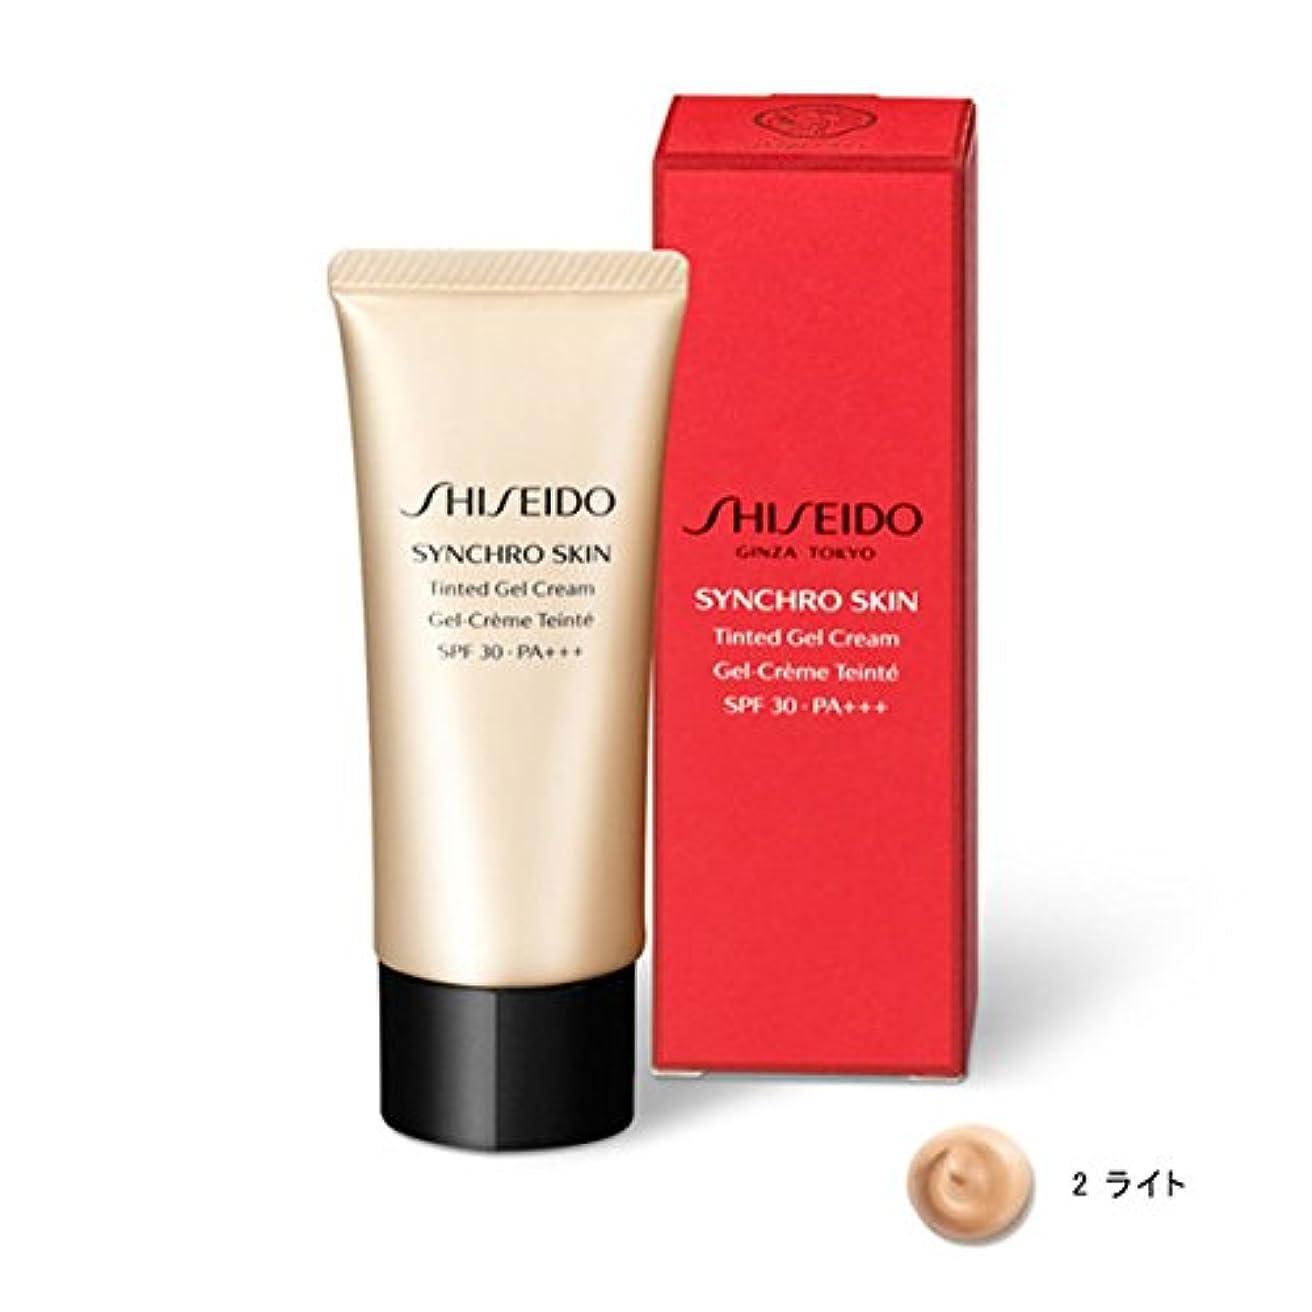 エスニック増強する訴えるSHISEIDO Makeup(資生堂 メーキャップ) SHISEIDO(資生堂) シンクロスキン ティンティッド ジェルクリーム (2 ライト)